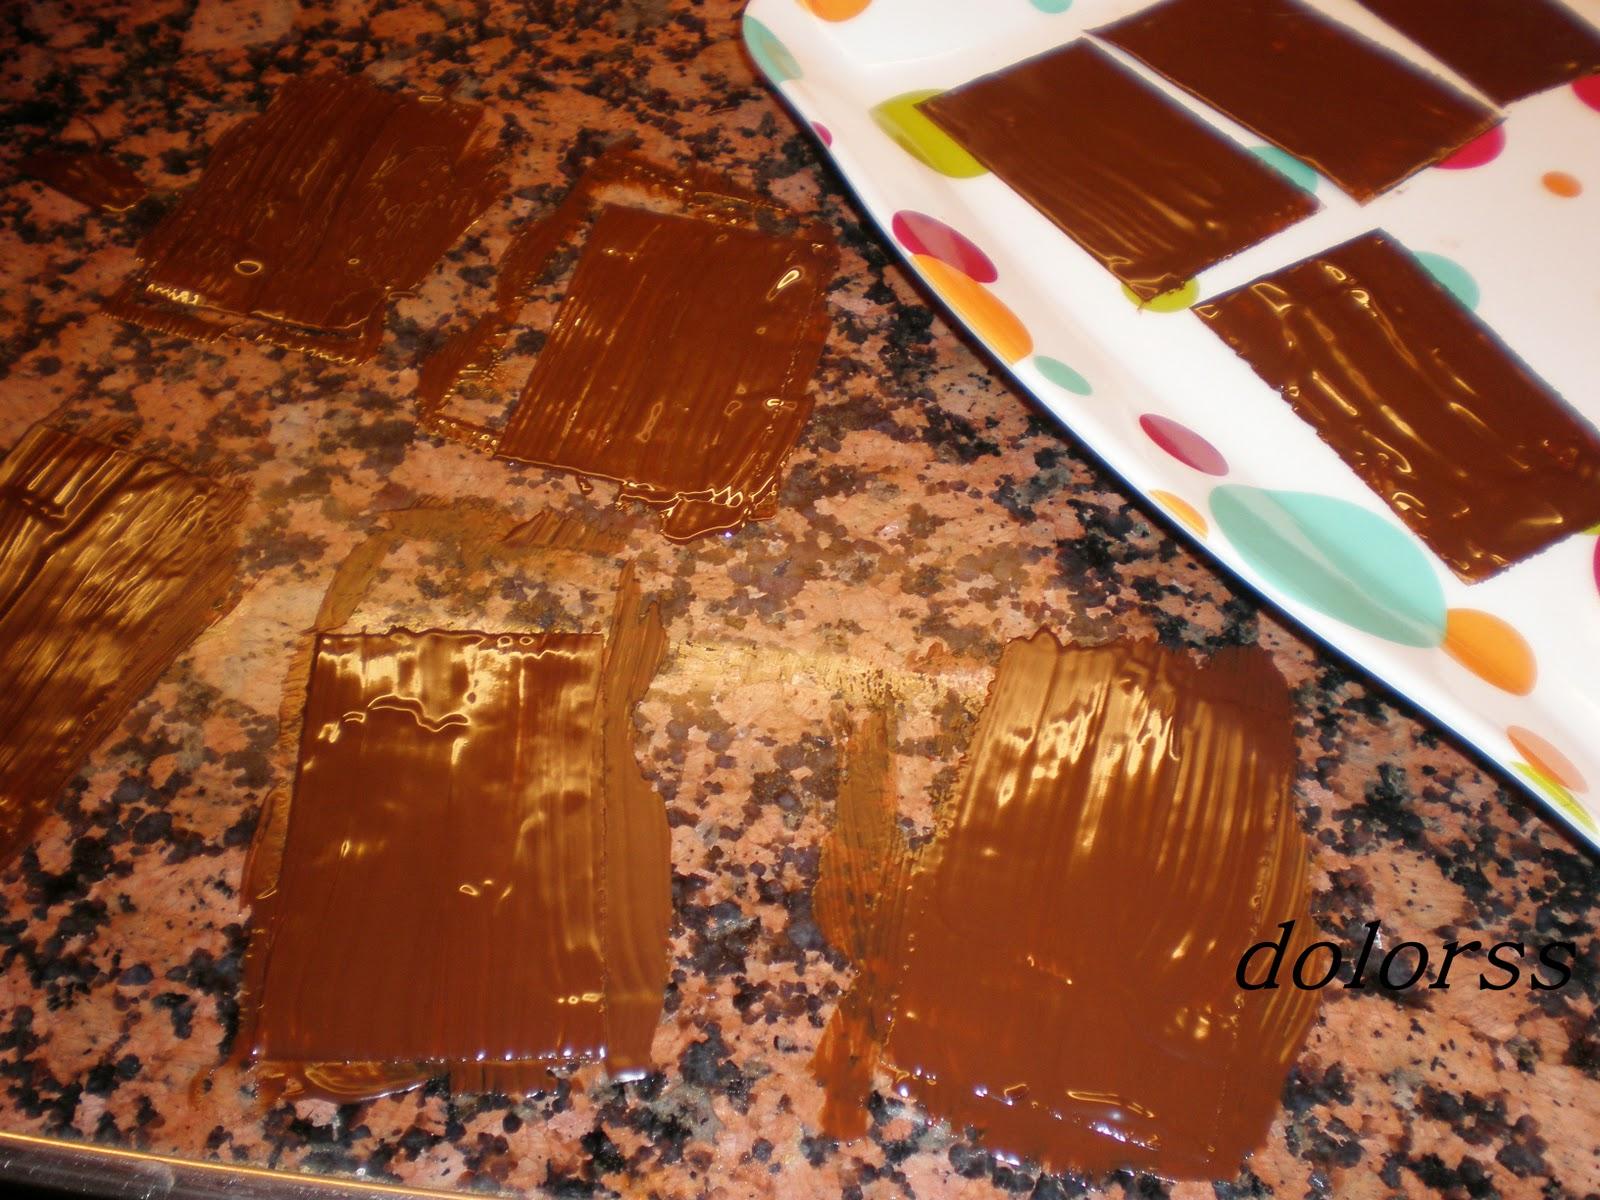 Blog de cuina de la dolorss: febrero 2012